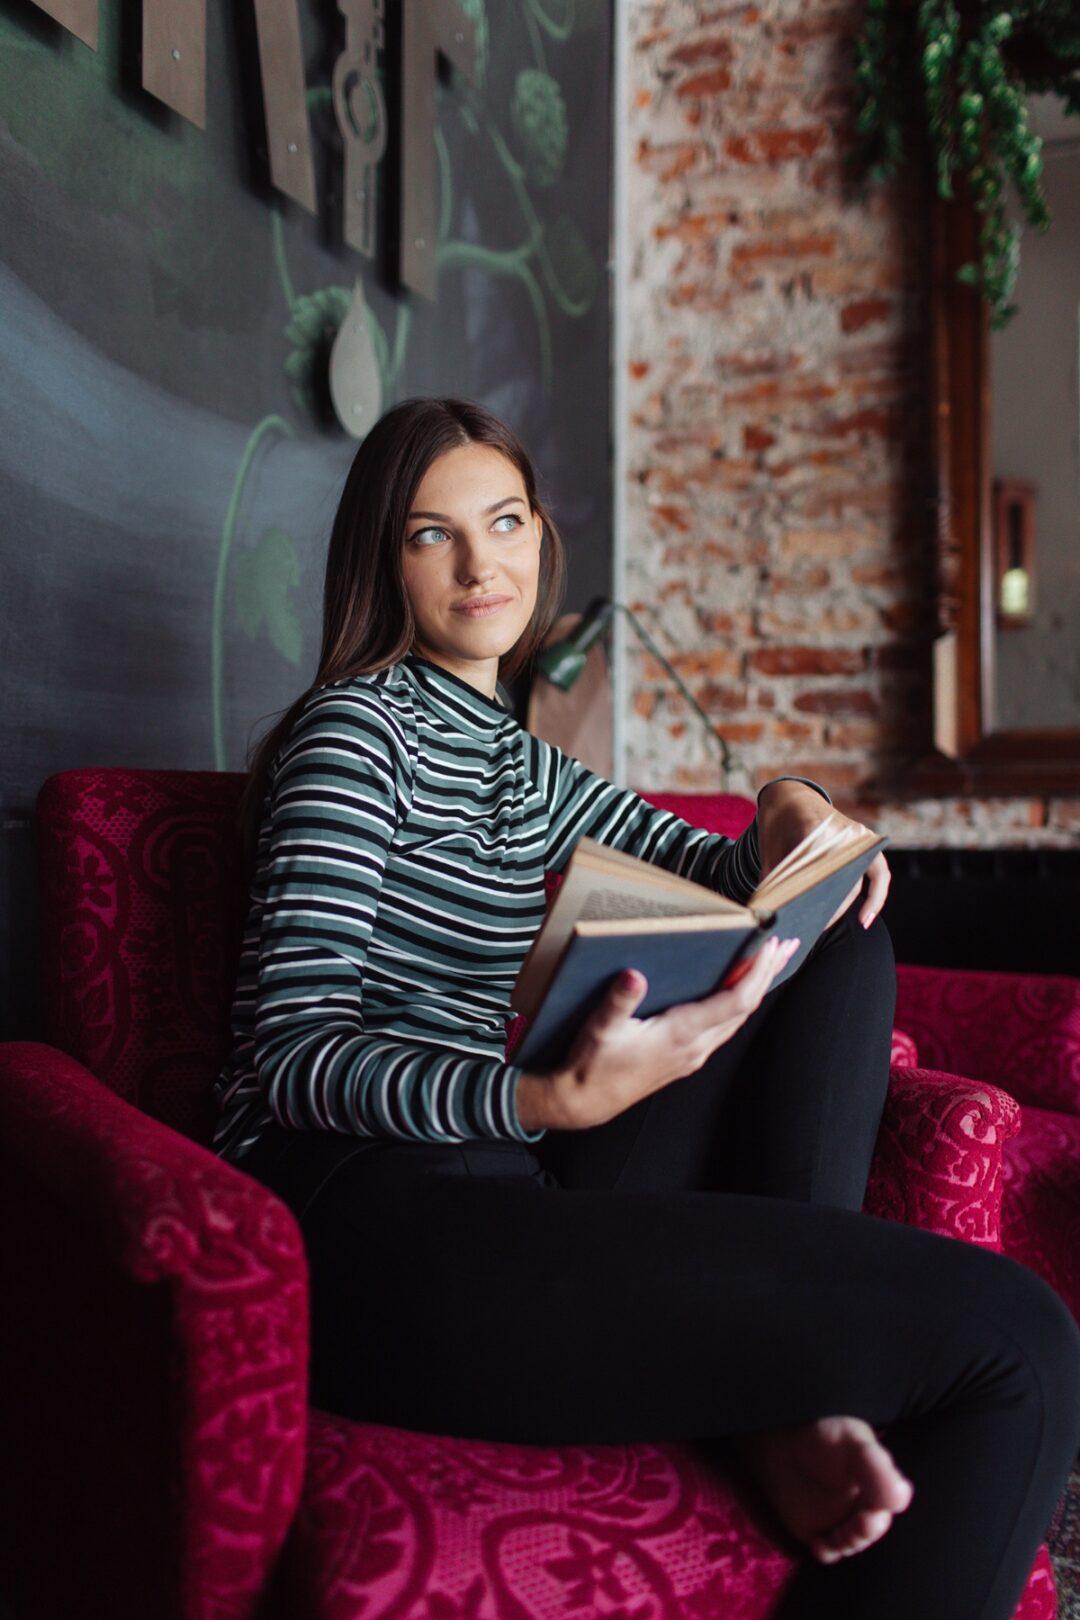 Lidl modni editorijal: Esmara kolekcija listopad 2021.